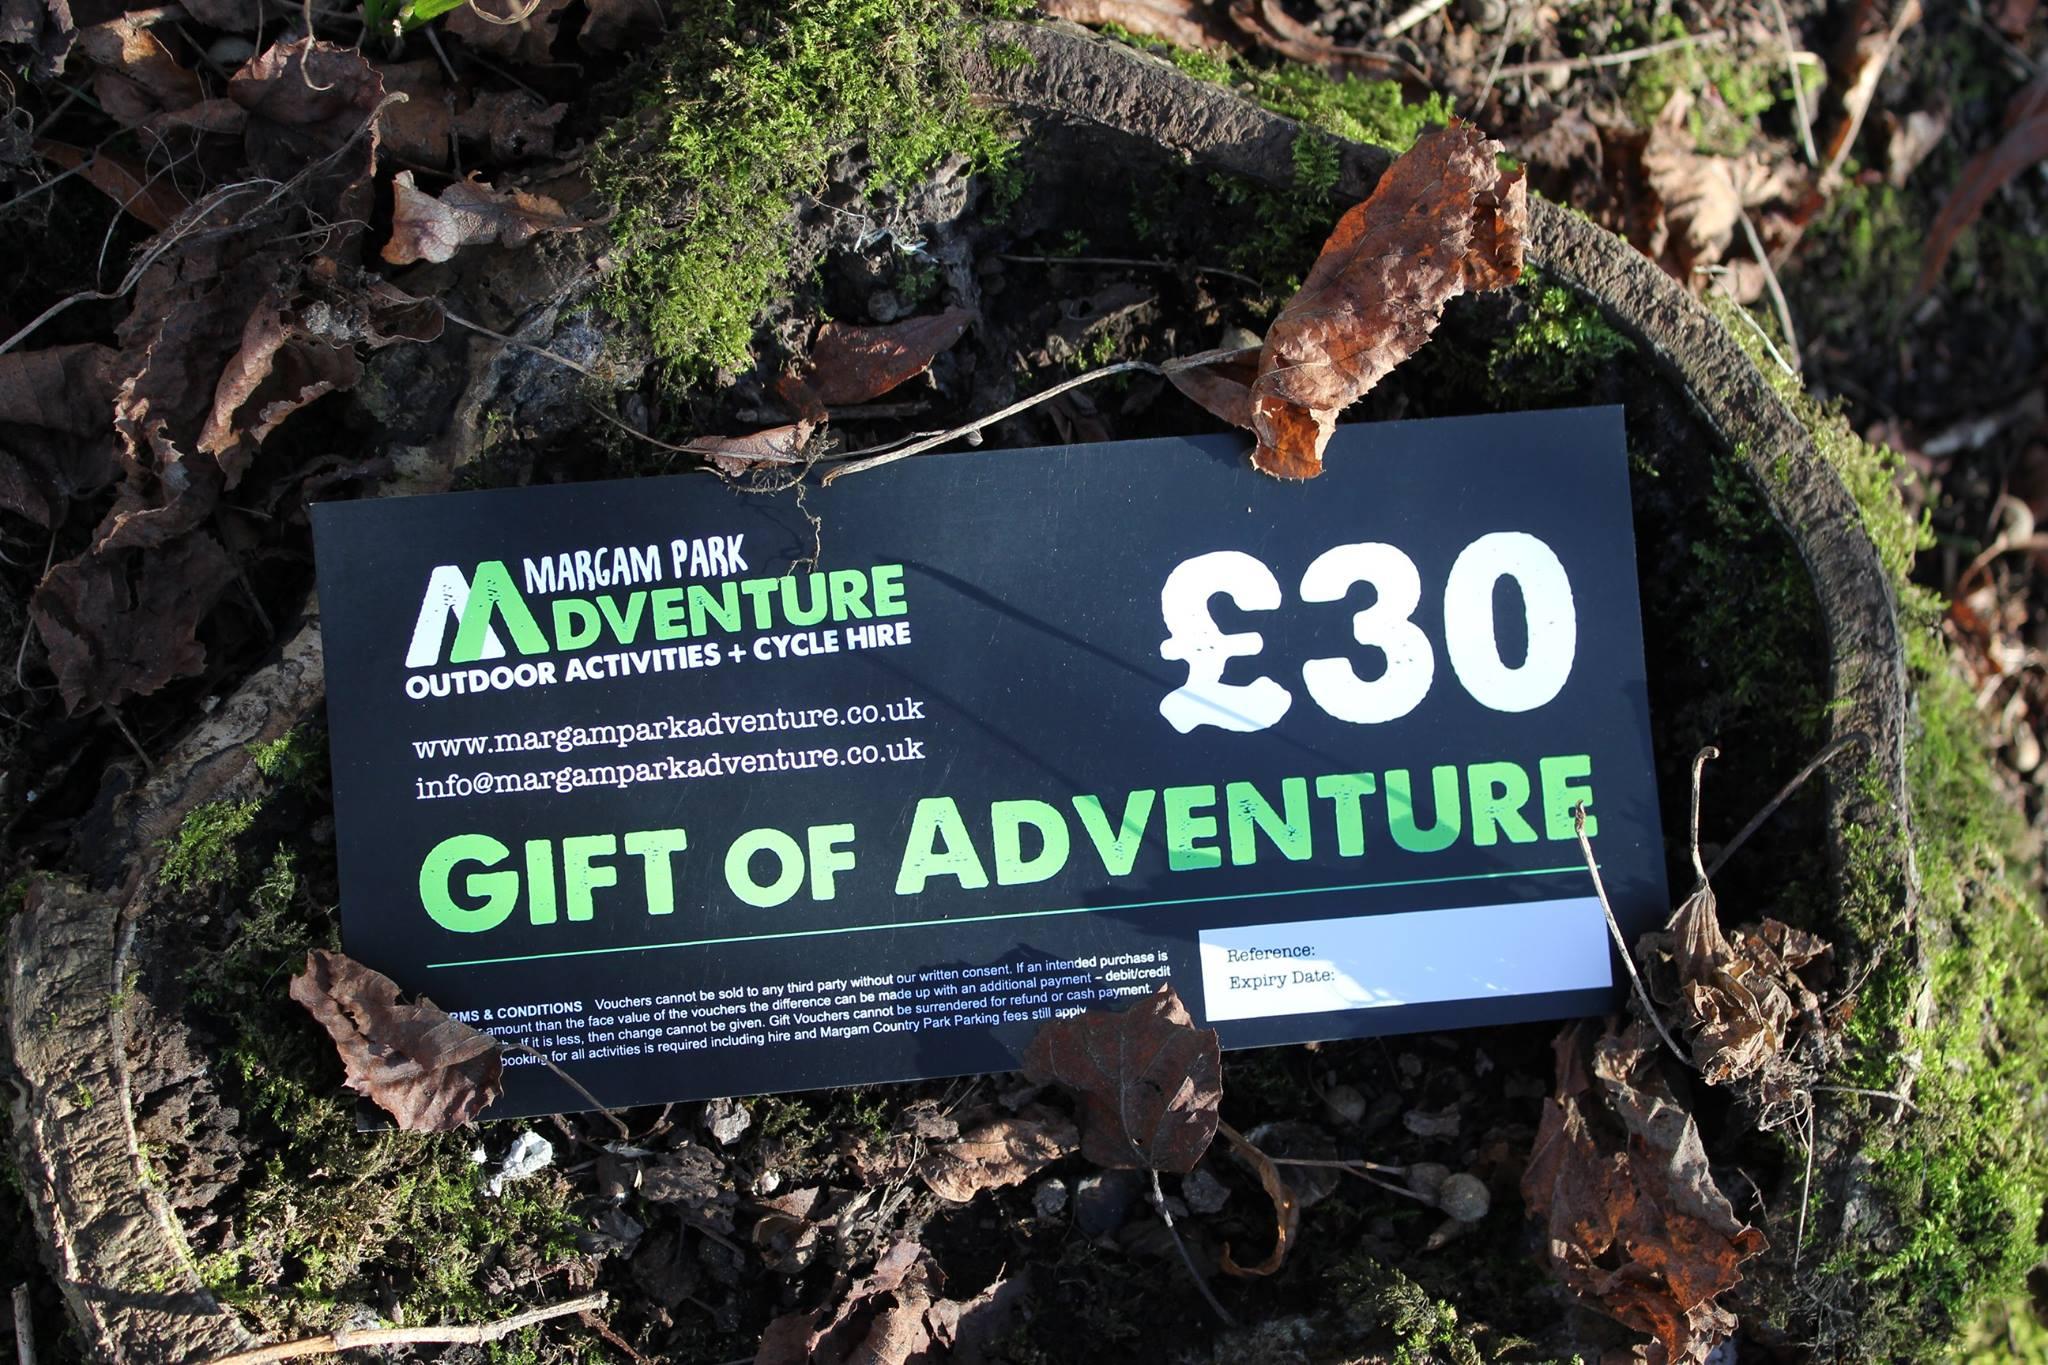 Margam Park Adventure Gift Voucher